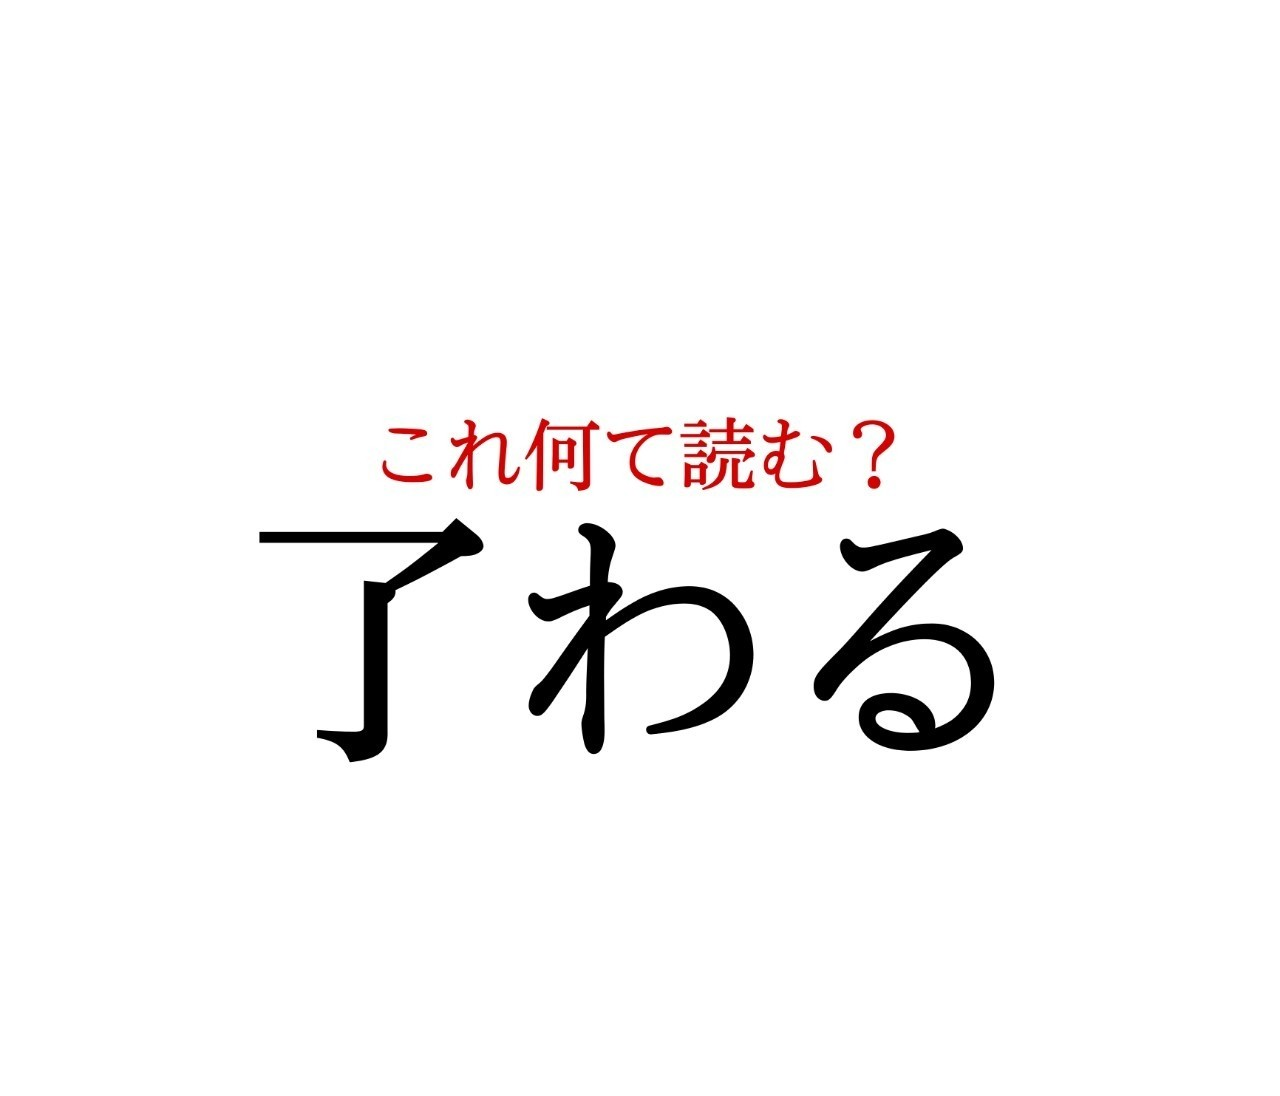 「了わる」:この漢字、自信を持って読めますか?【働く大人の漢字クイズvol.257】